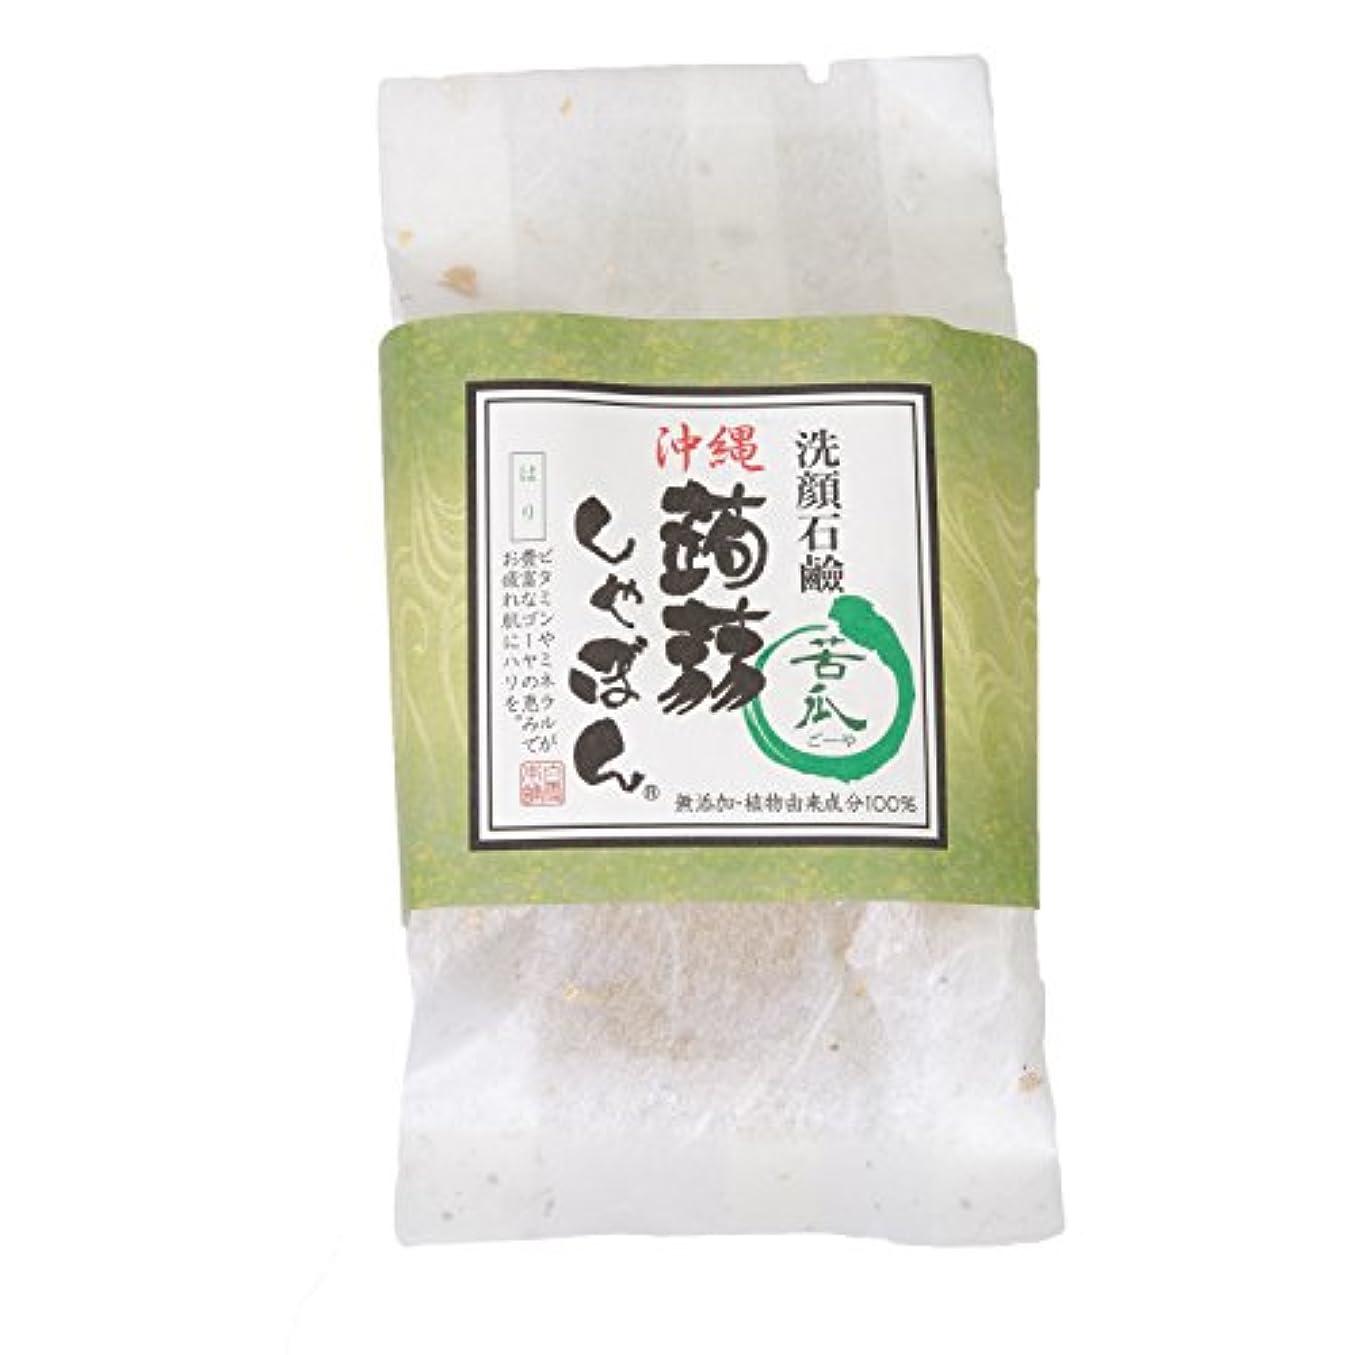 線ショッキング分析沖縄 蒟蒻しゃぼん 金 ゴーヤ ぷるぷる 洗顔石鹸 石鹸 保湿 泡立ちソープ